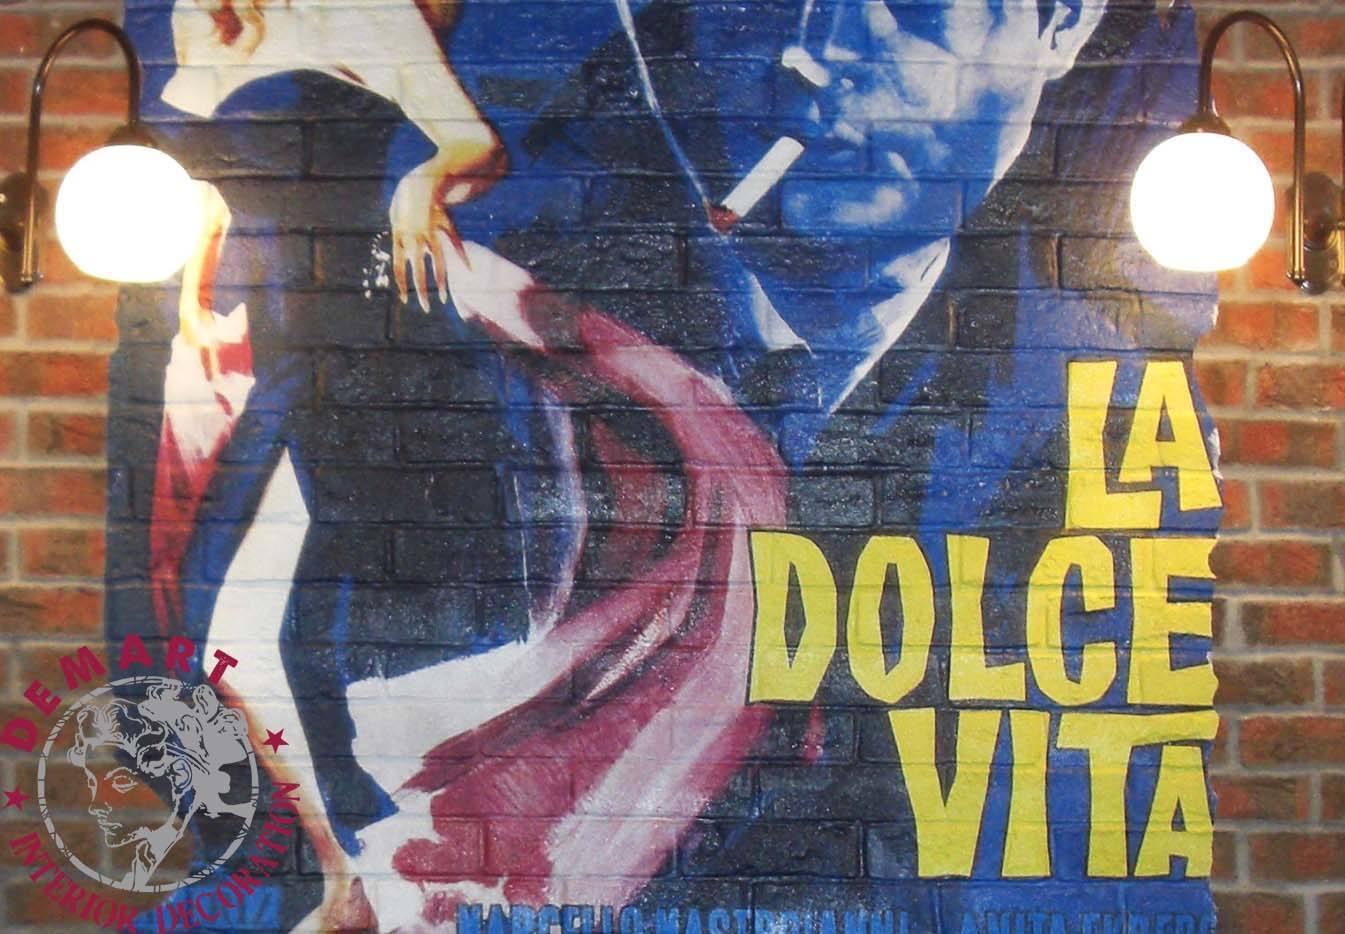 Decorazione interni per ristorante i soliti ignoti milano for Ristorante murales milano